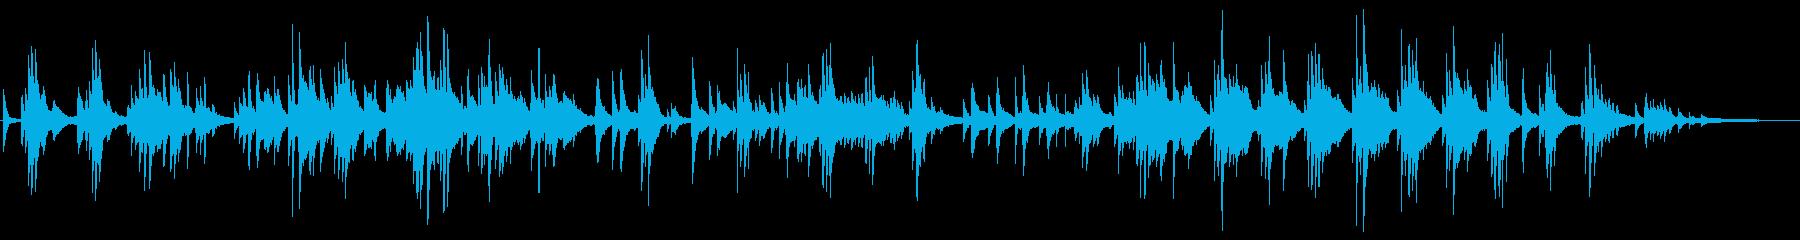 ヒーリング系 優しい旋律のピアノソロの再生済みの波形